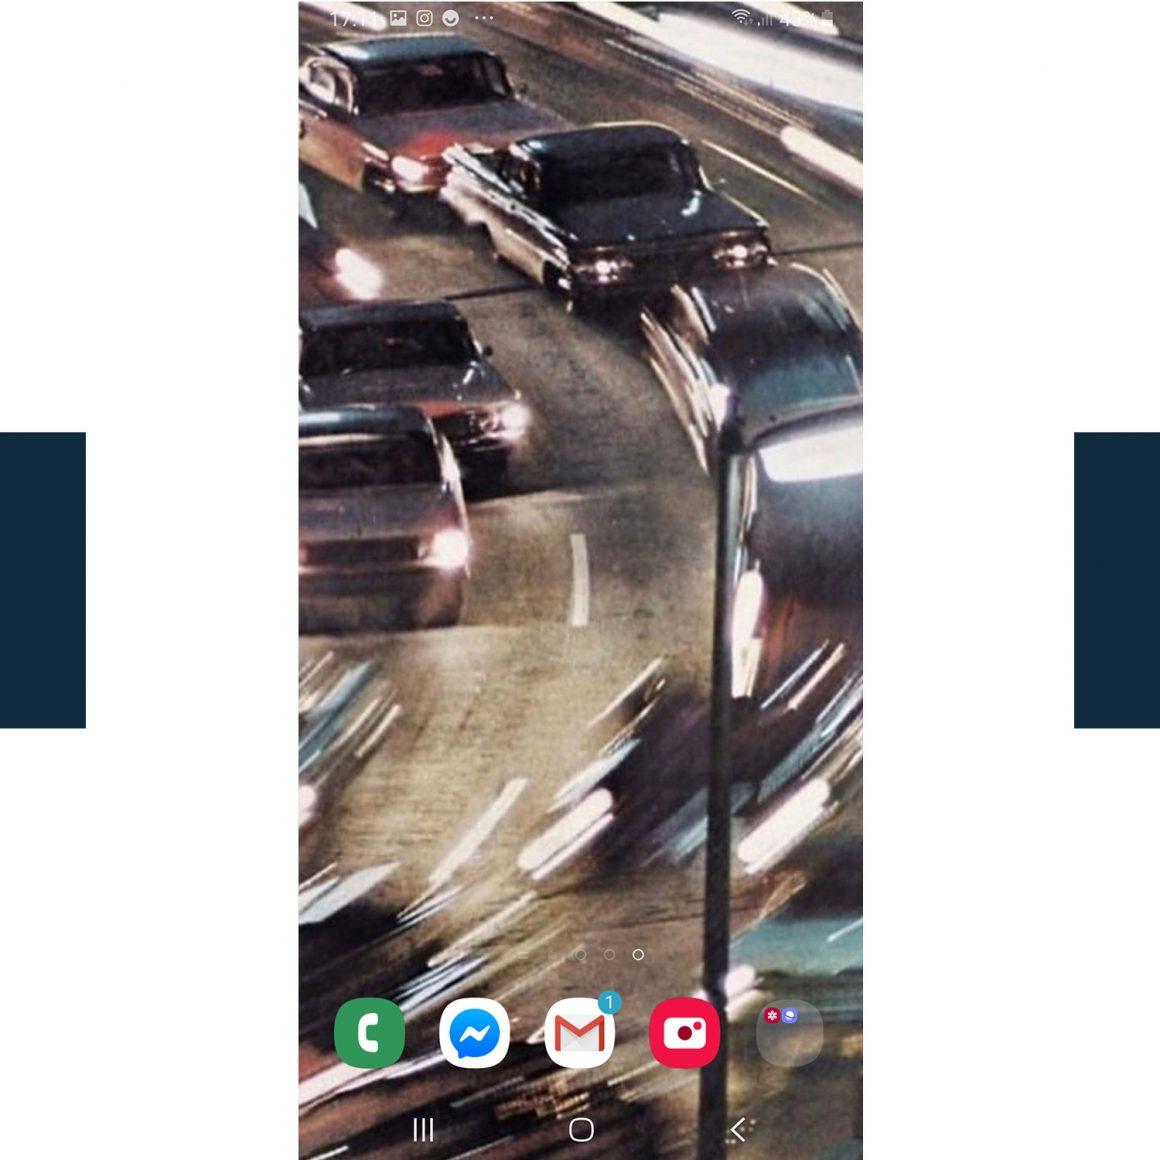 Le fond d'écran du téléphone de Quentin Pontonnier